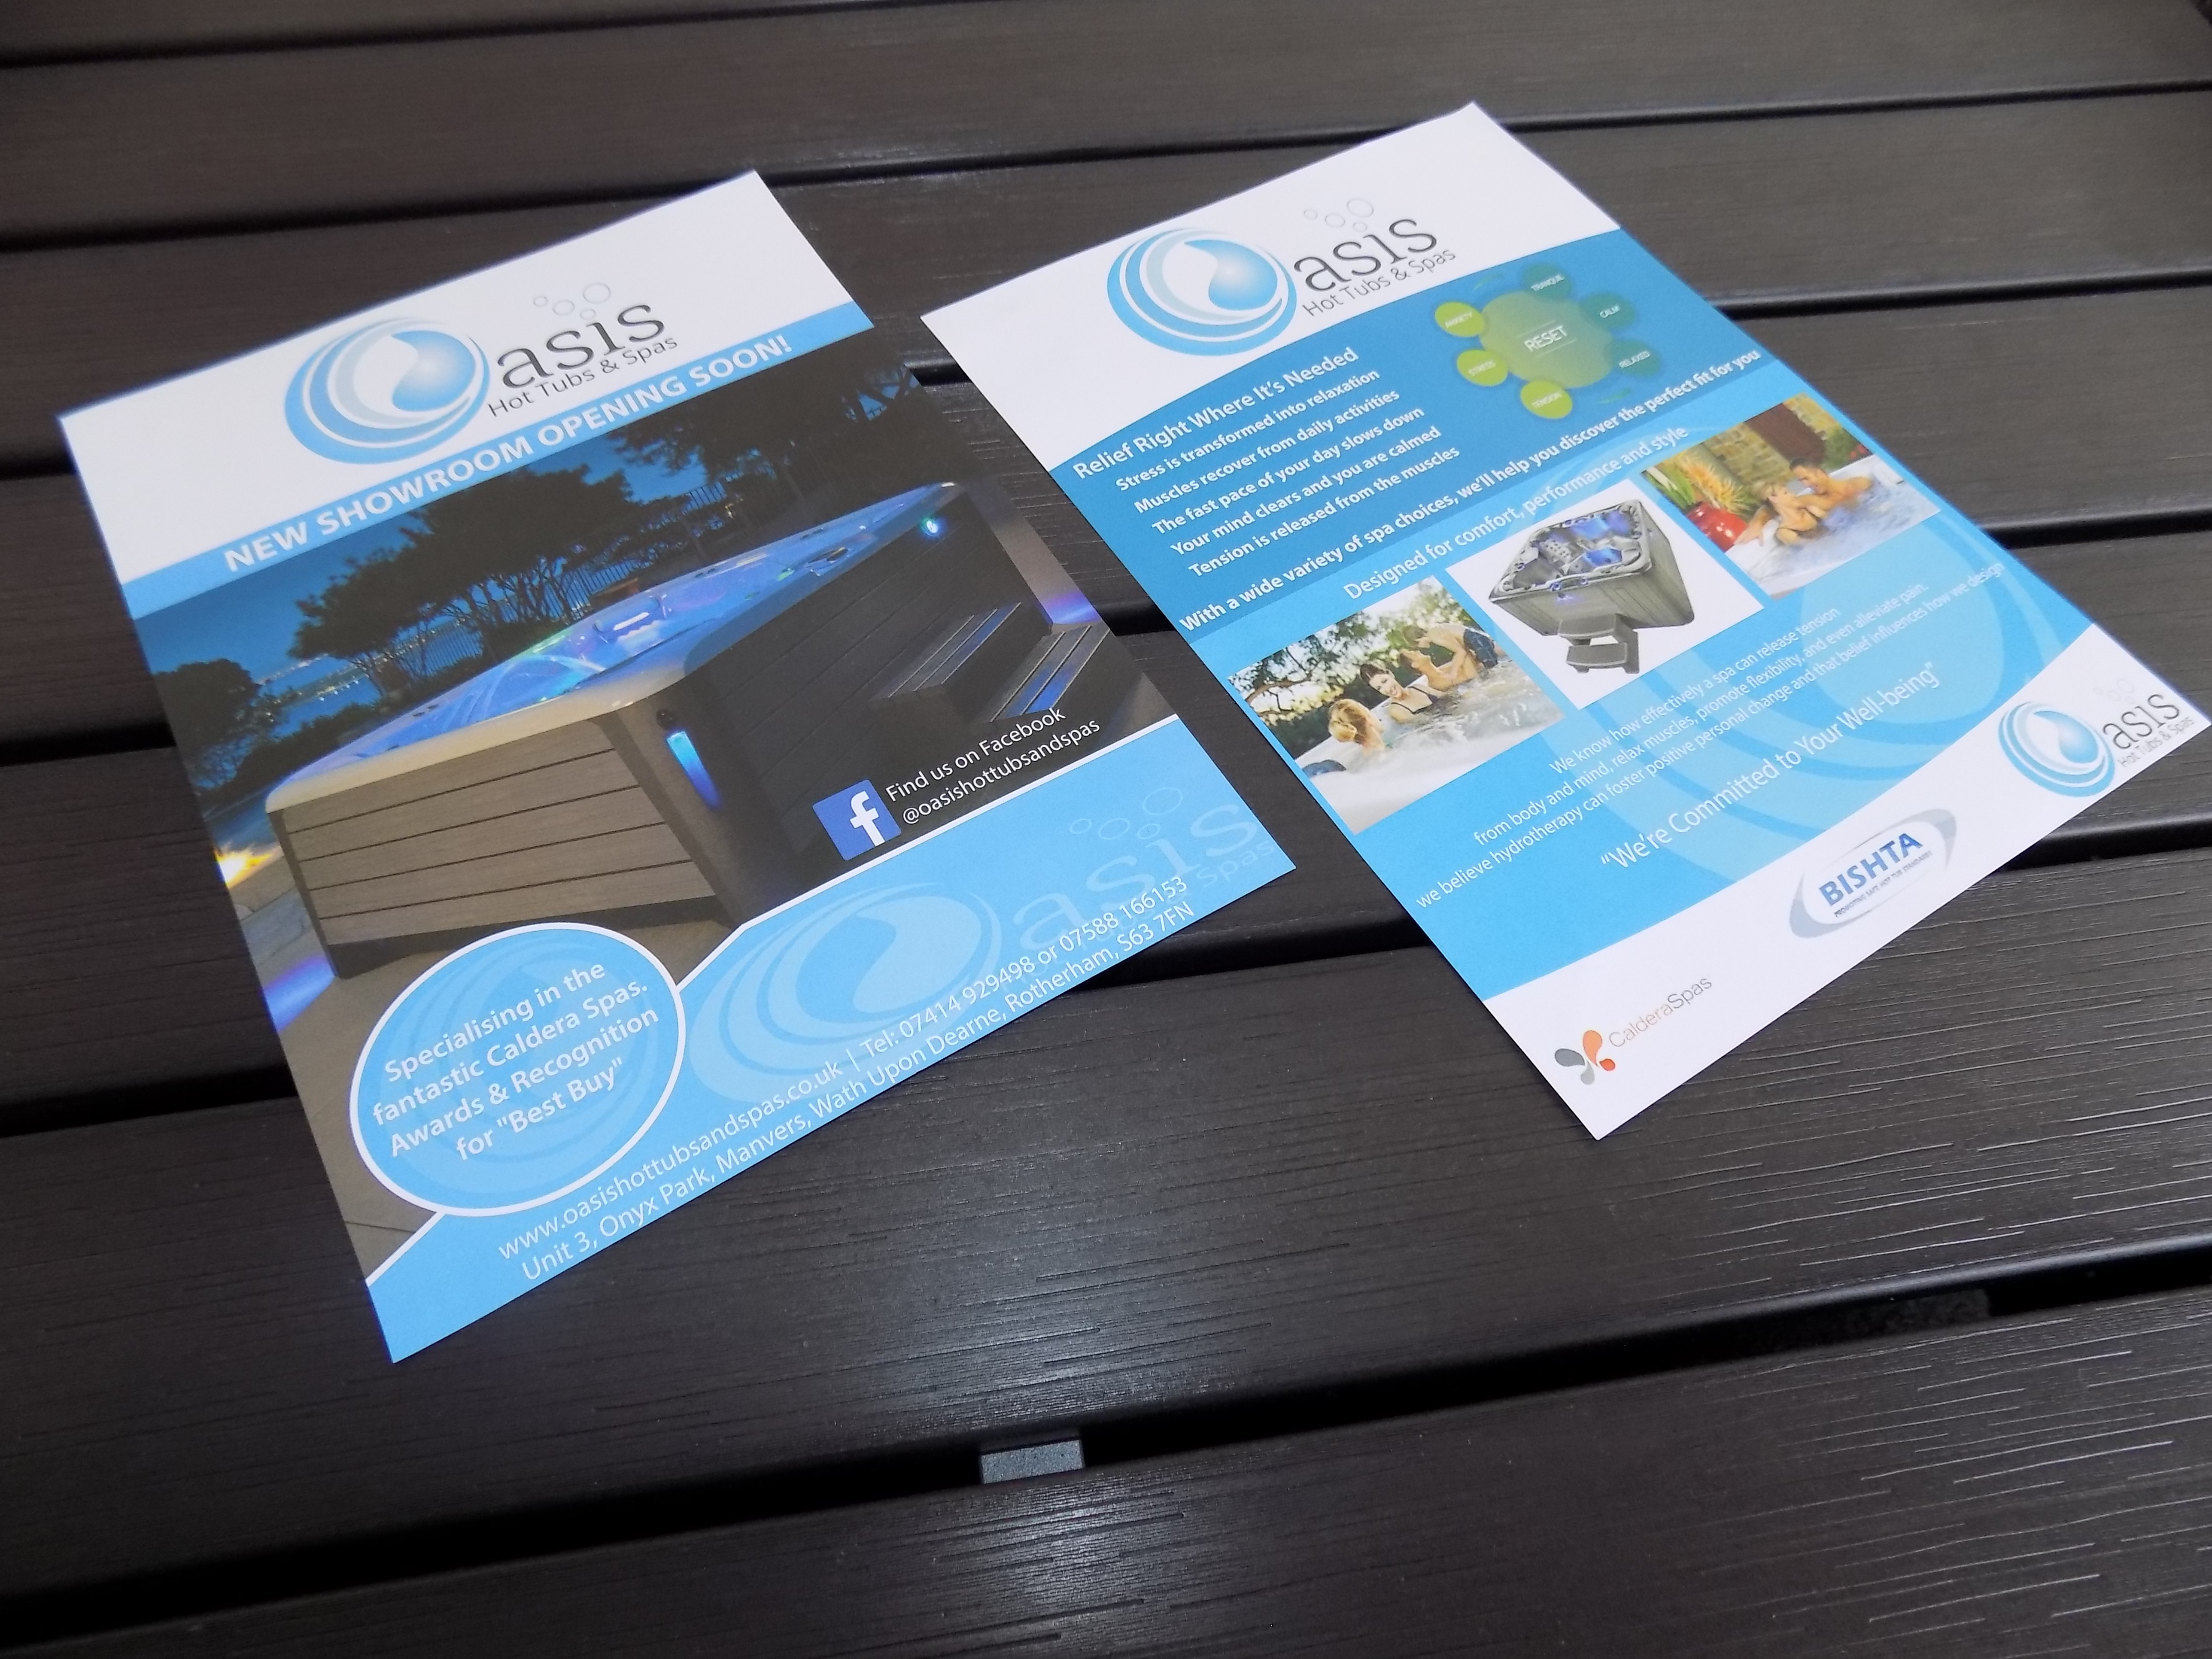 Oasis Hot Tubs Spas Flyer Design